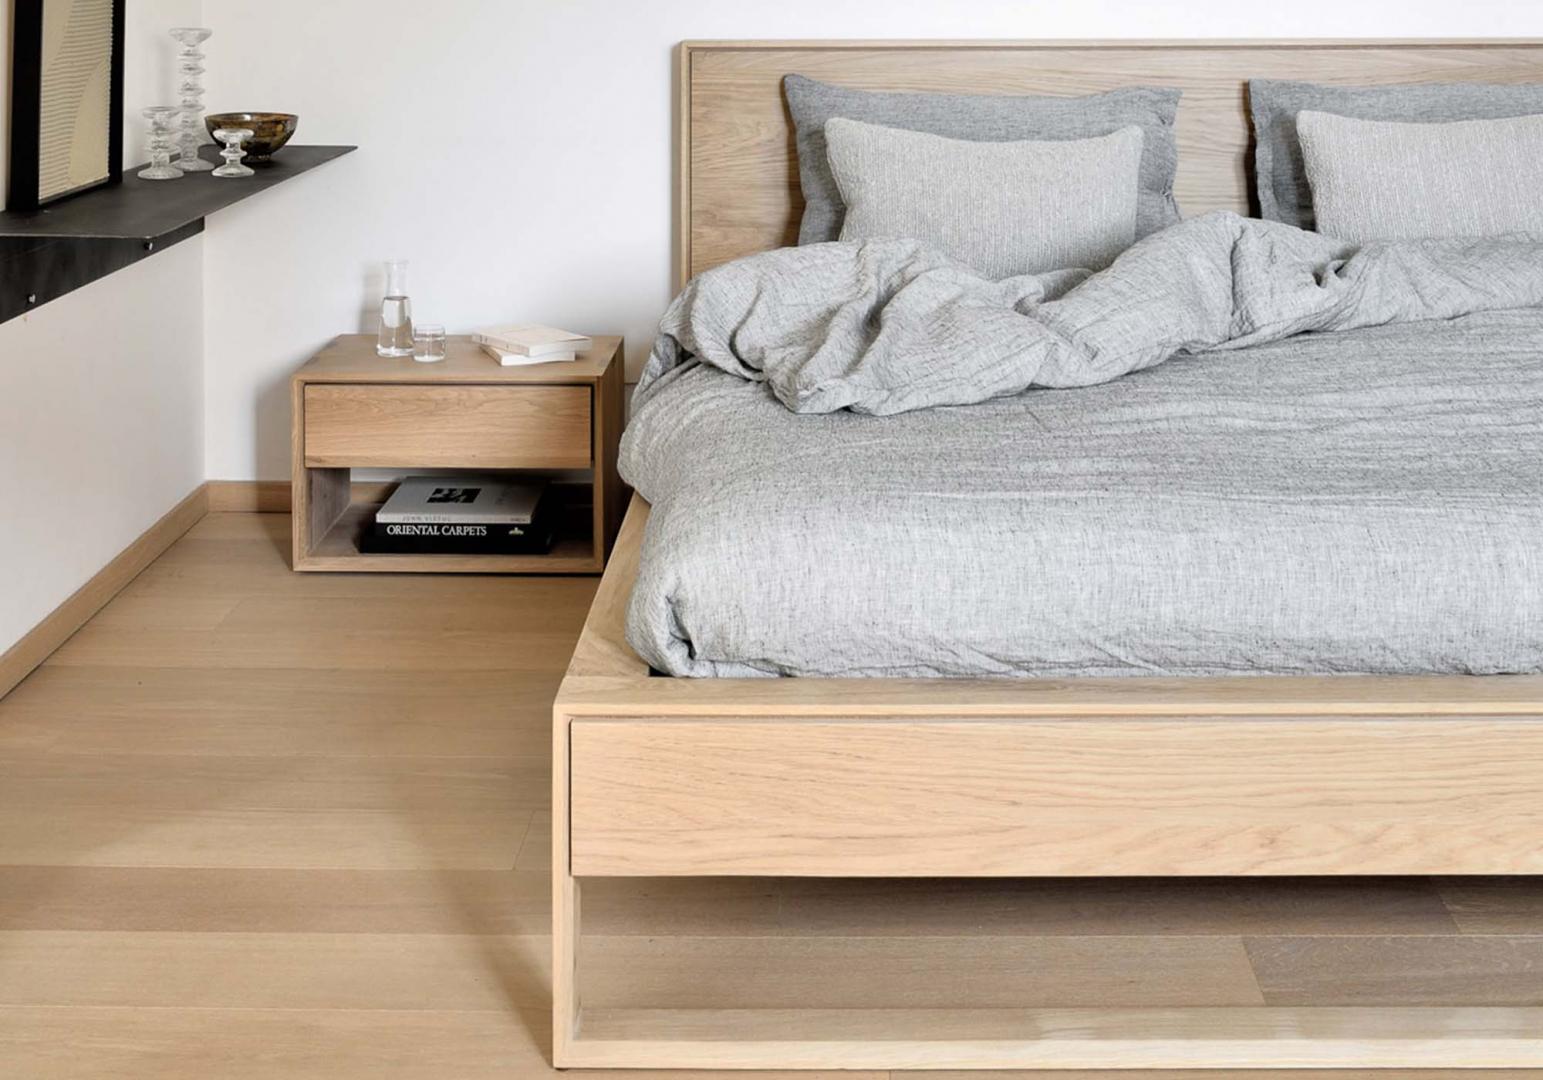 Lit Nordic II en chene design - ETHNICRAFT